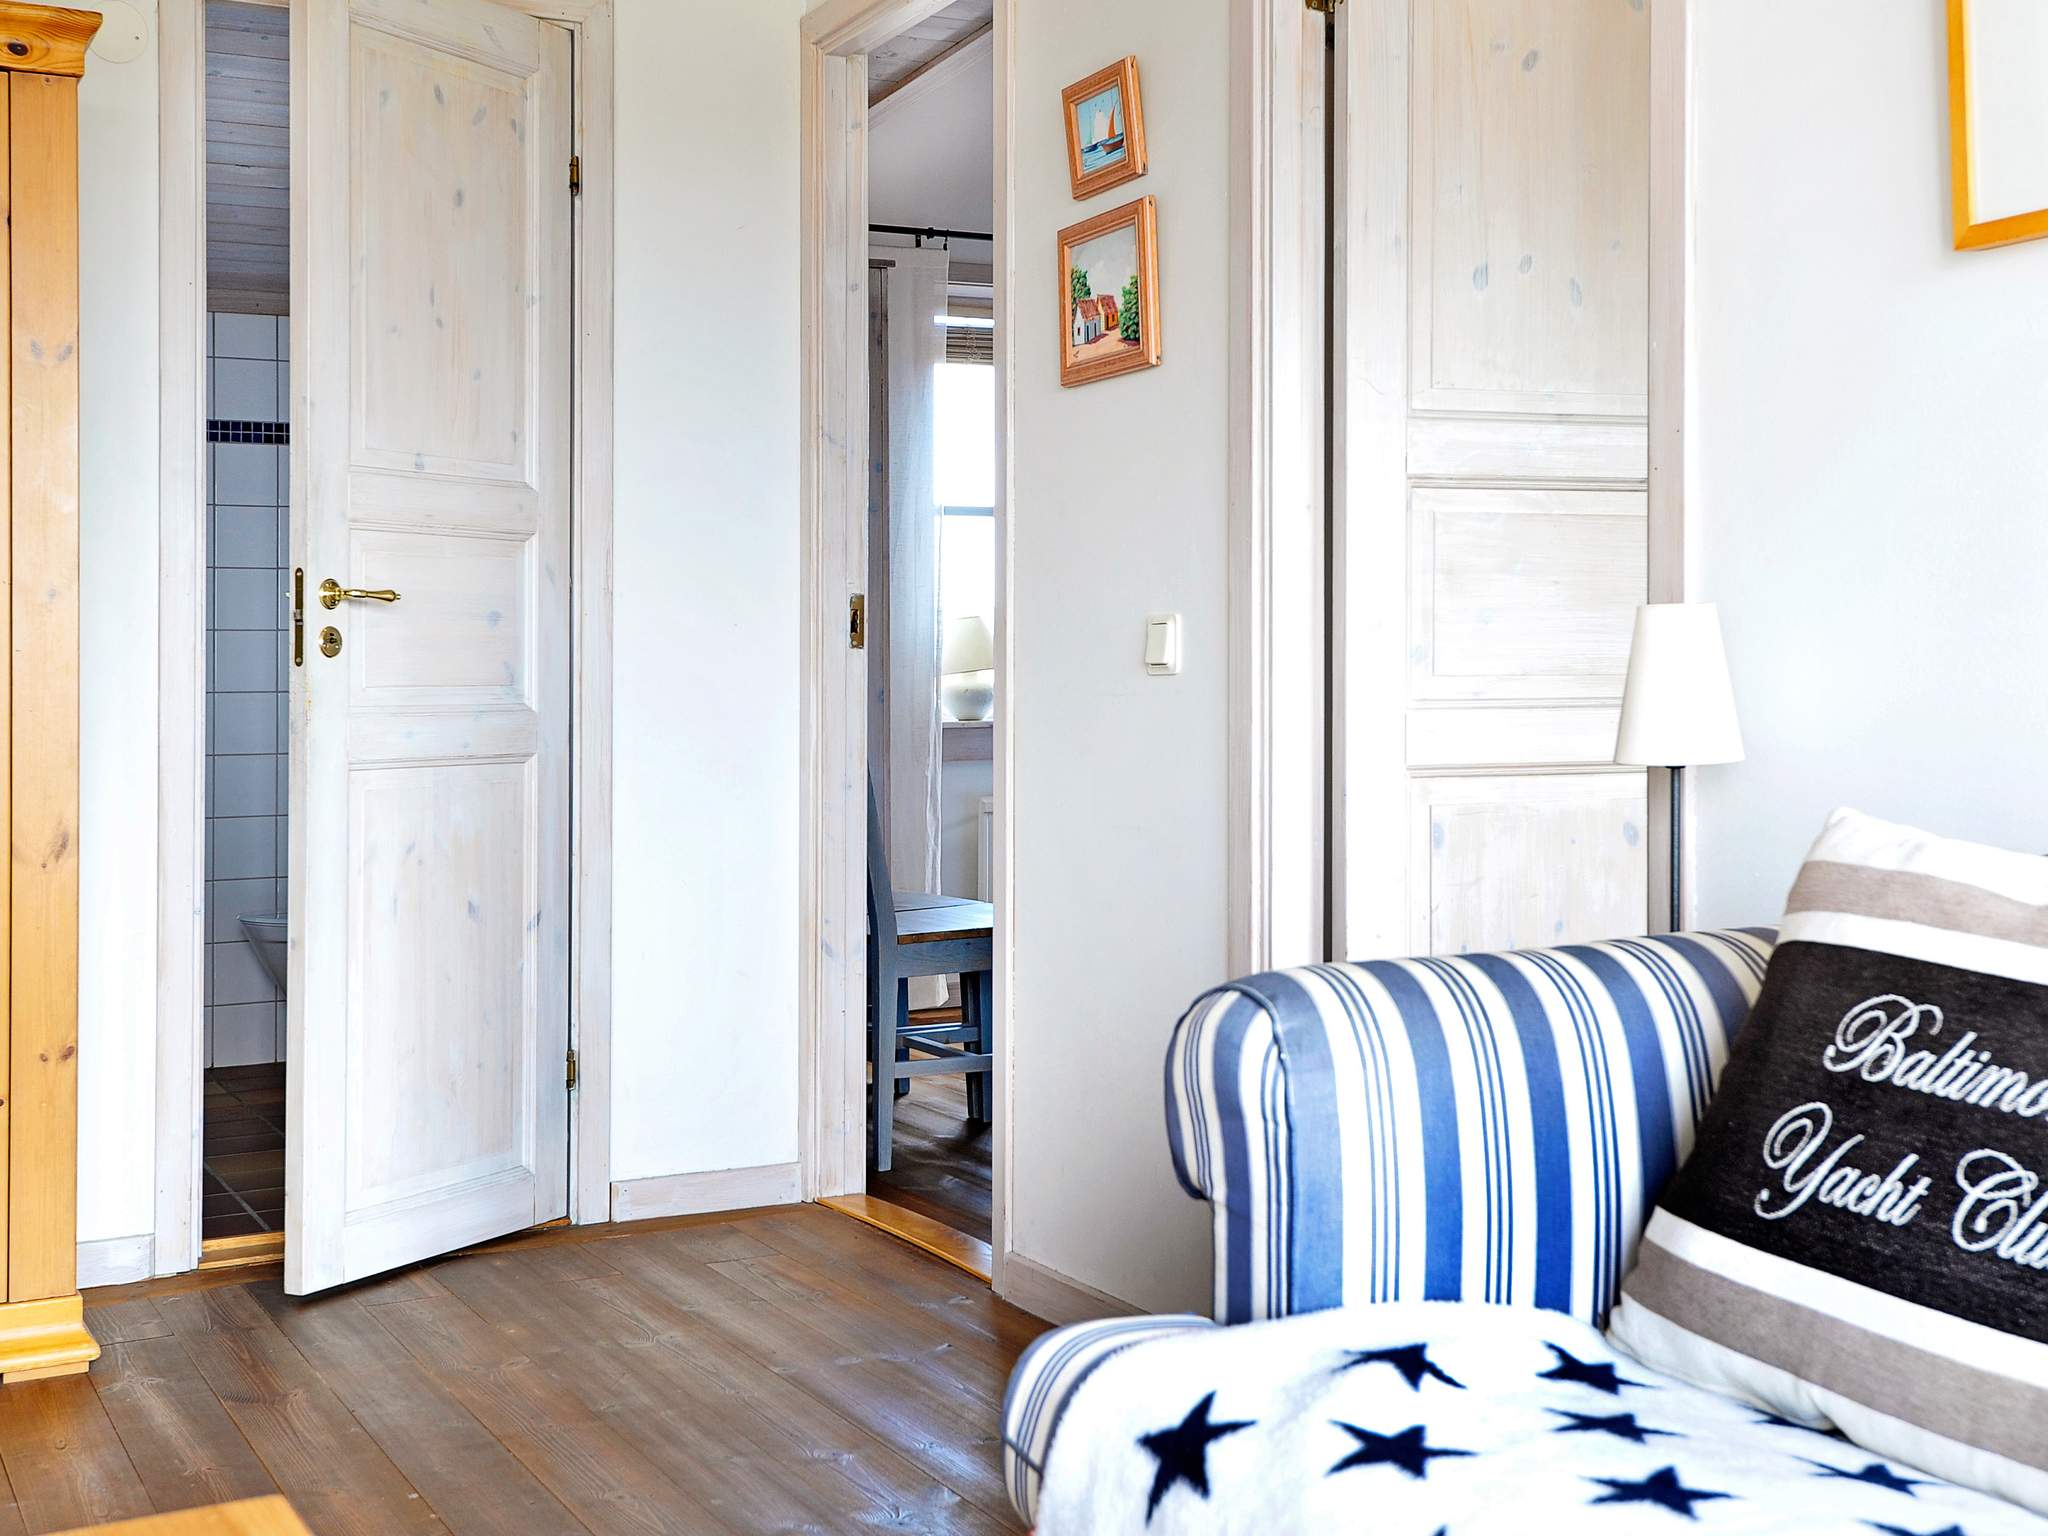 Ferienhaus Tjörn/Skärhamn (454665), Skärhamn, Tjörn, Westschweden, Schweden, Bild 6